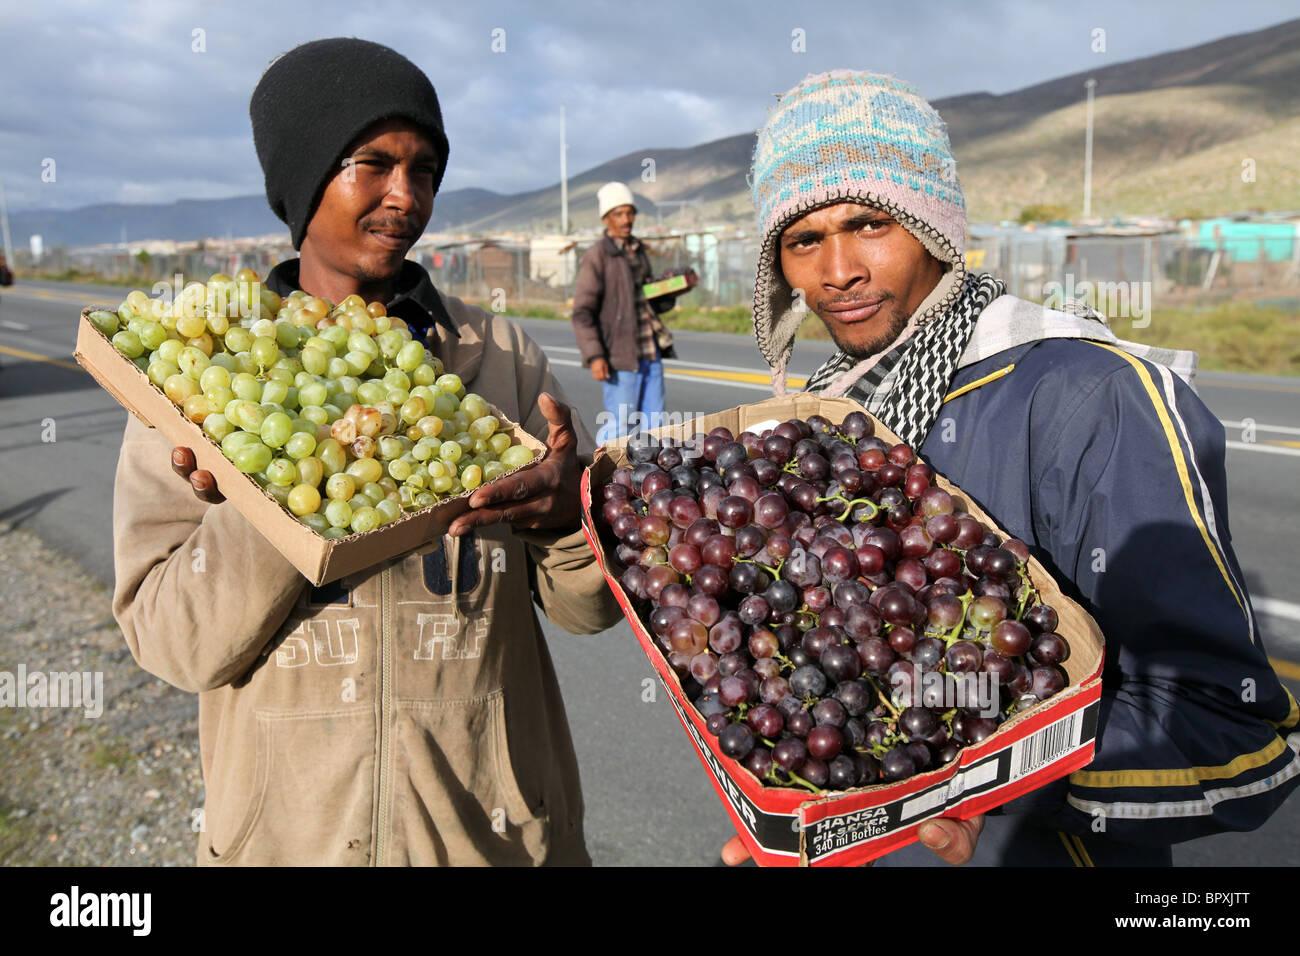 Sud Africa: gli uomini la vendita di uve sul ciglio della strada, Hexvalley regione vinicola della Provincia del Immagini Stock